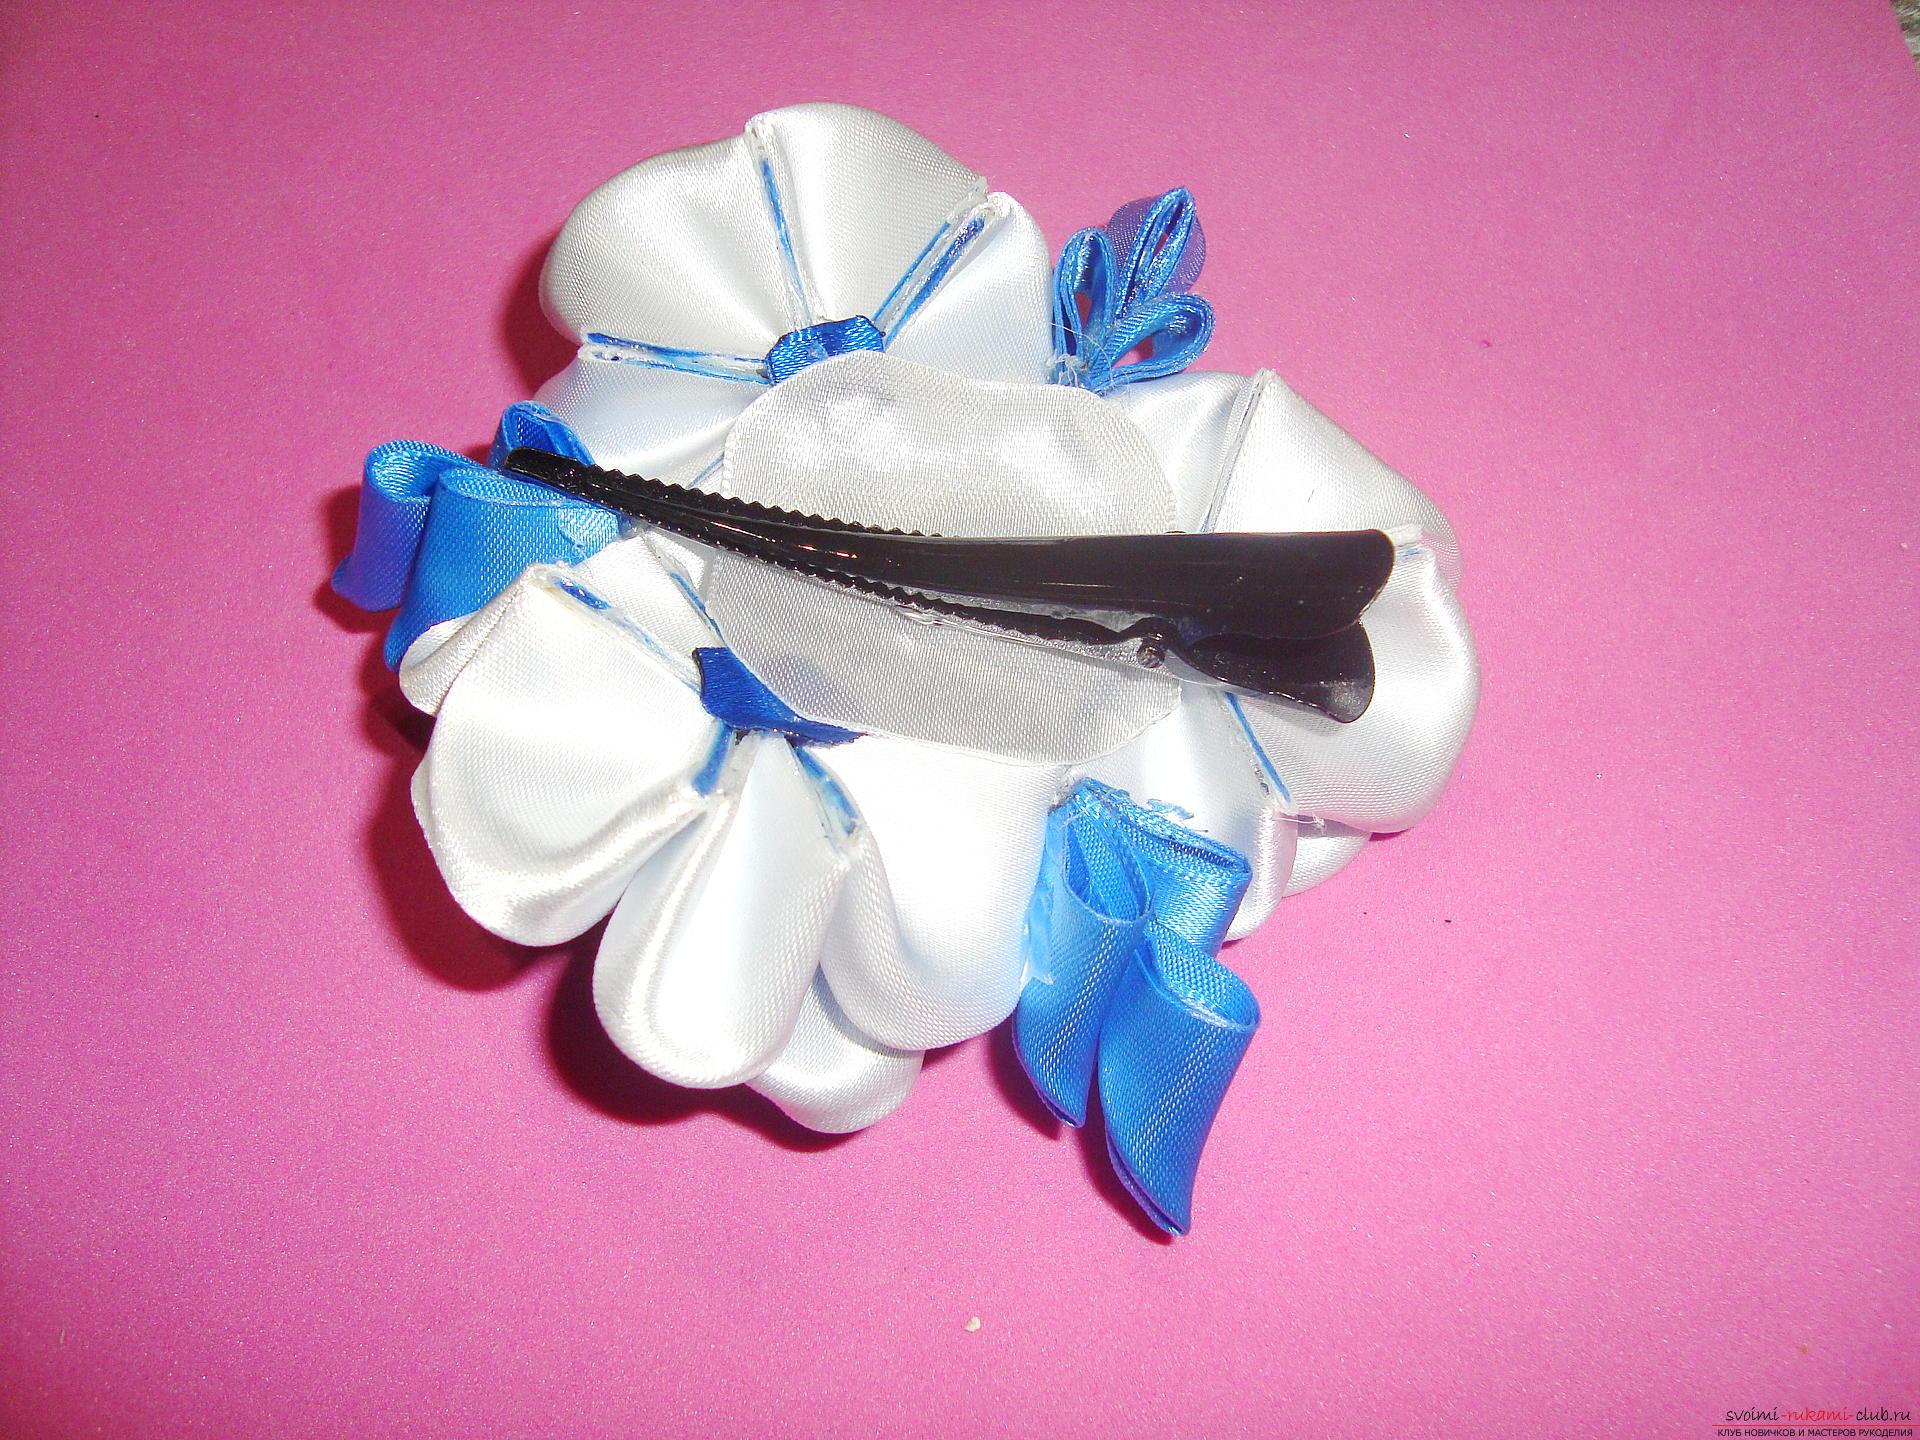 Фото інструкція з виготовлення шпильки зі стрічок блакитного кольору в техніці канзаші. фото №15